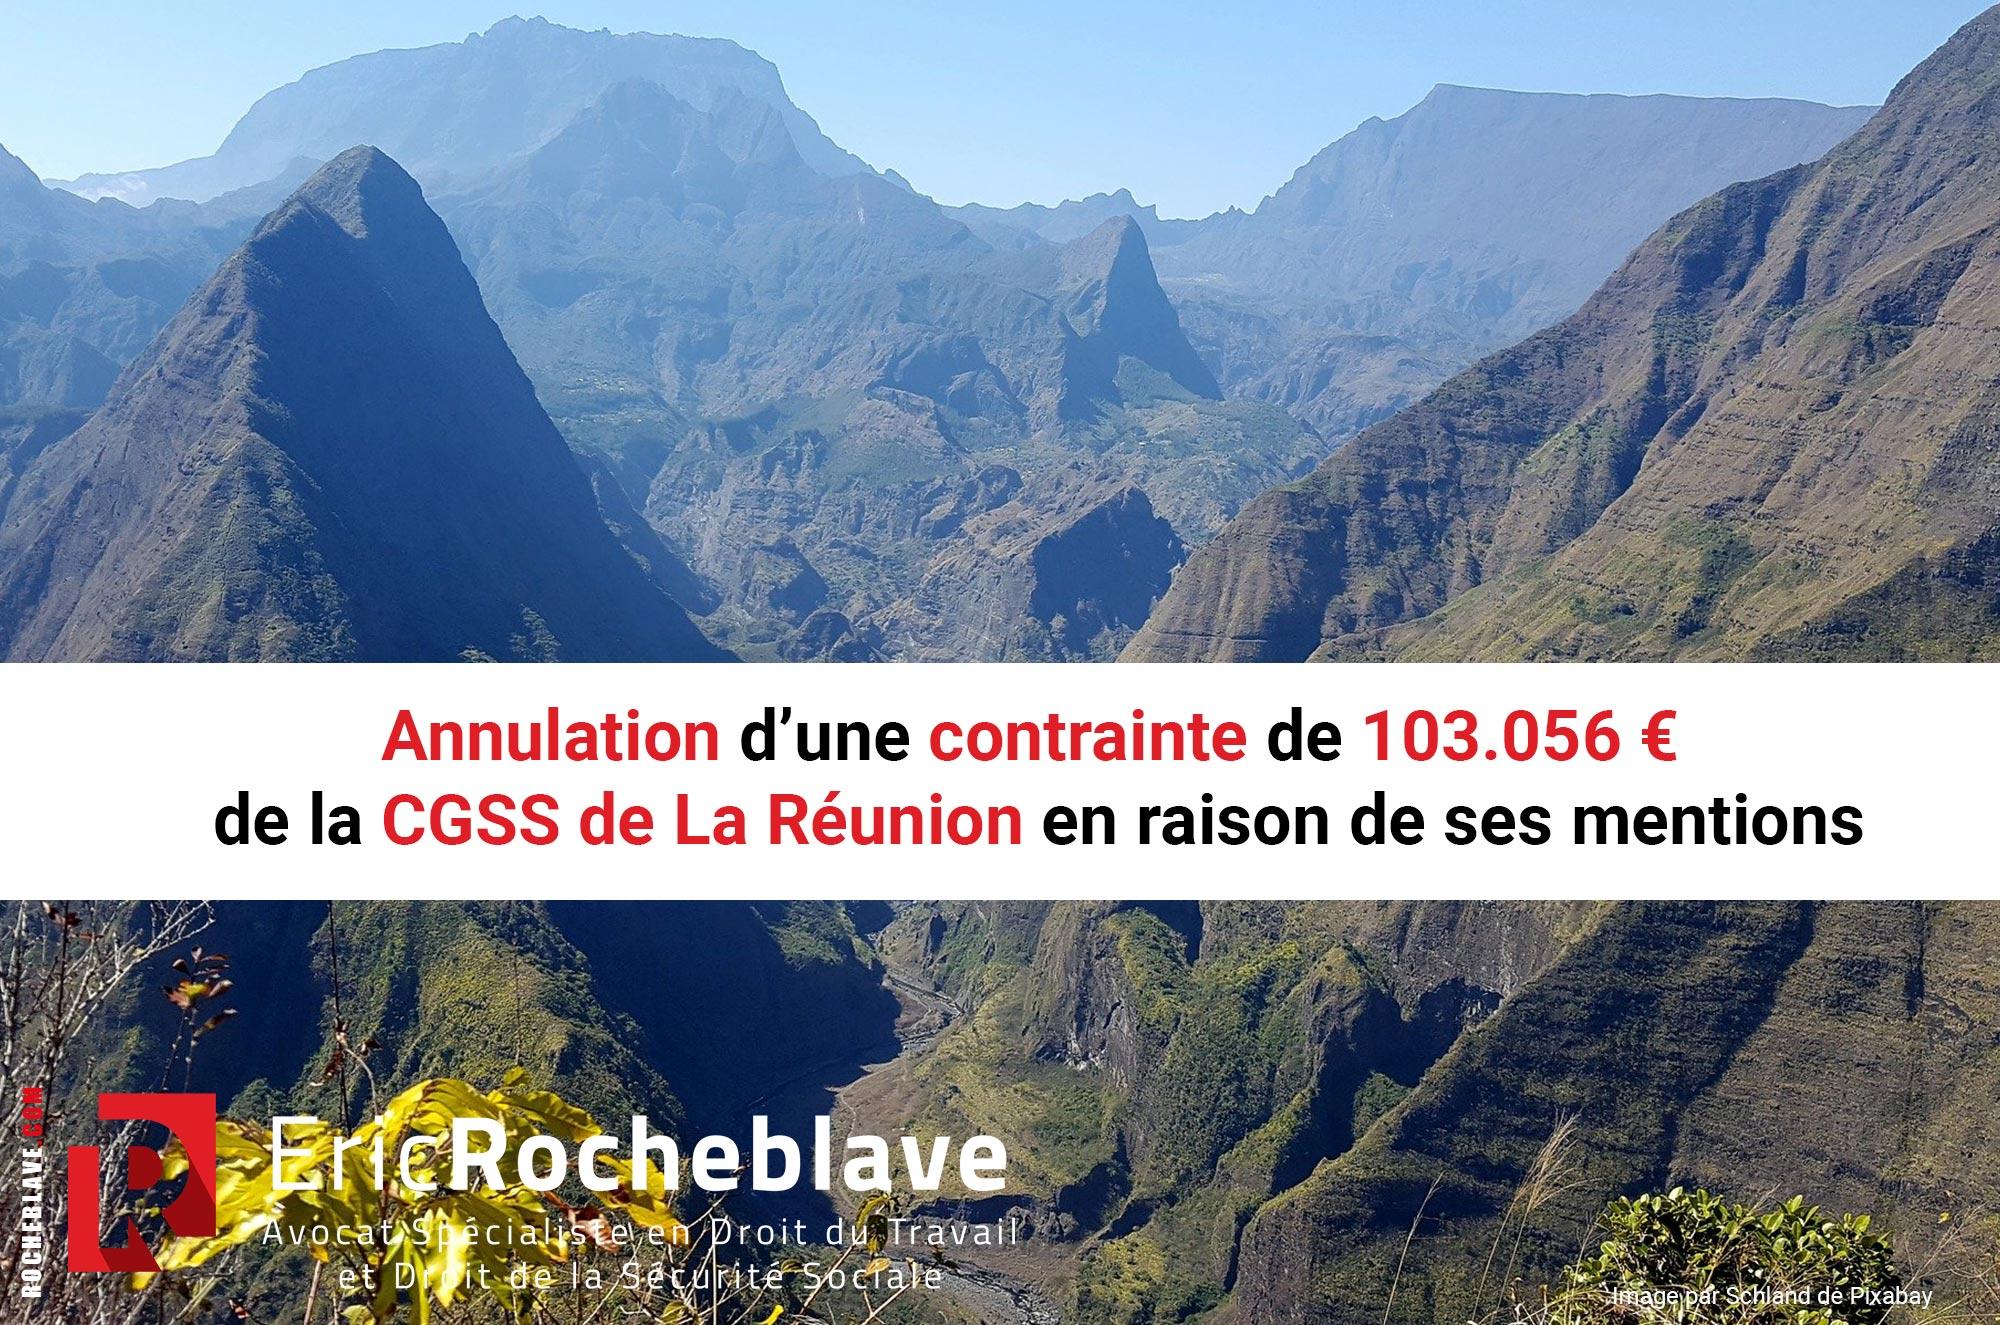 Annulation d'une contrainte de 103.056 € de la CGSS de La Réunion en raison de ses mentions